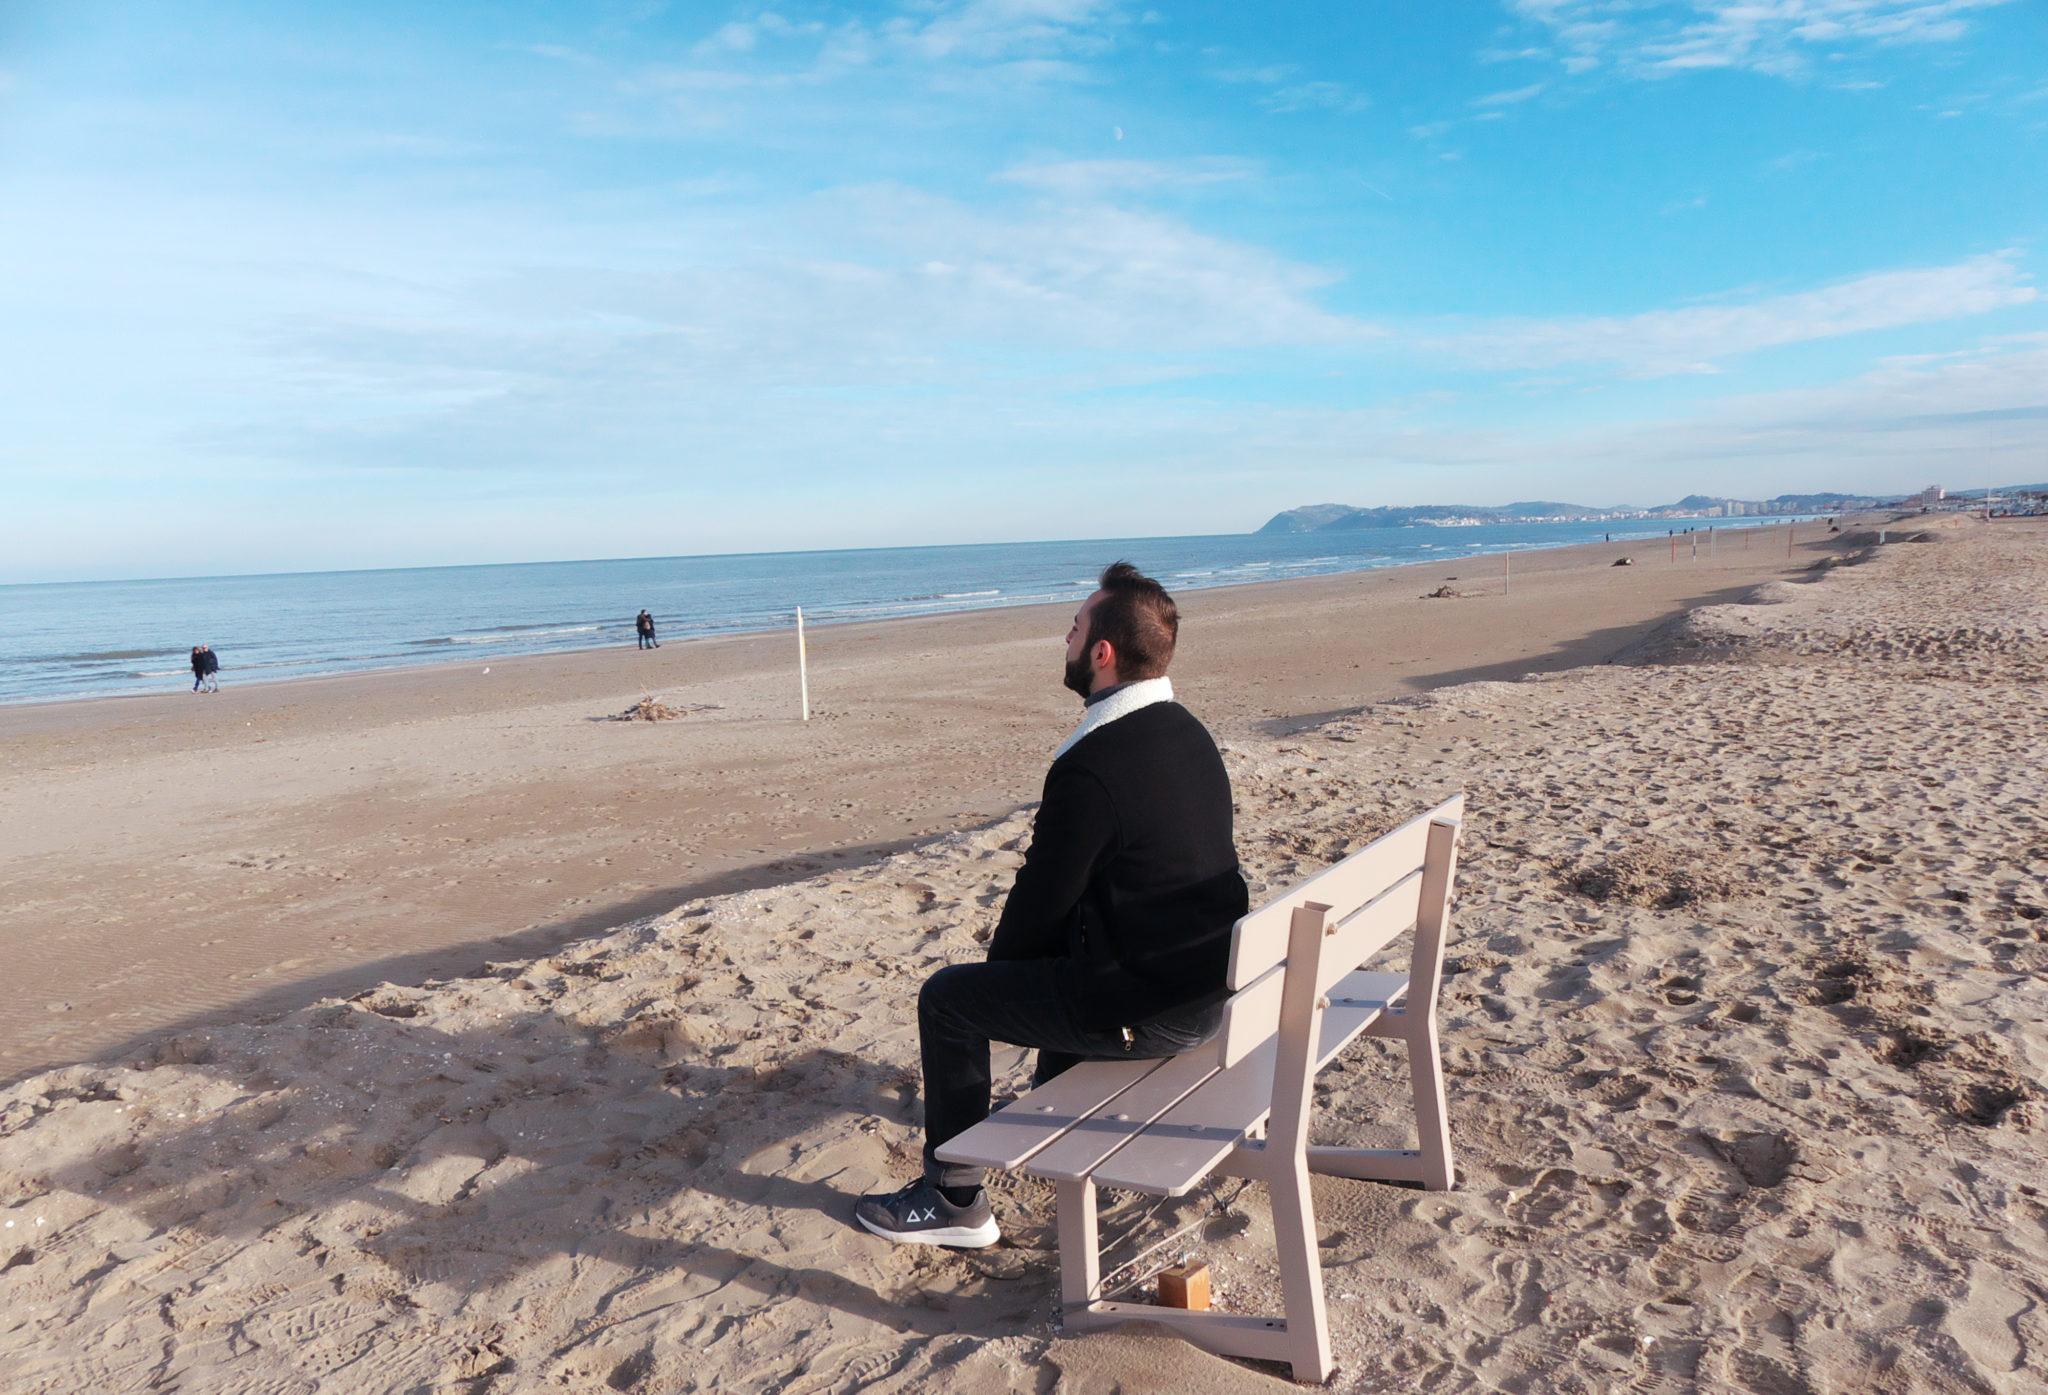 Matrimonio Spiaggia Inverno : La spiaggia del sole anche dinverno everydaylife